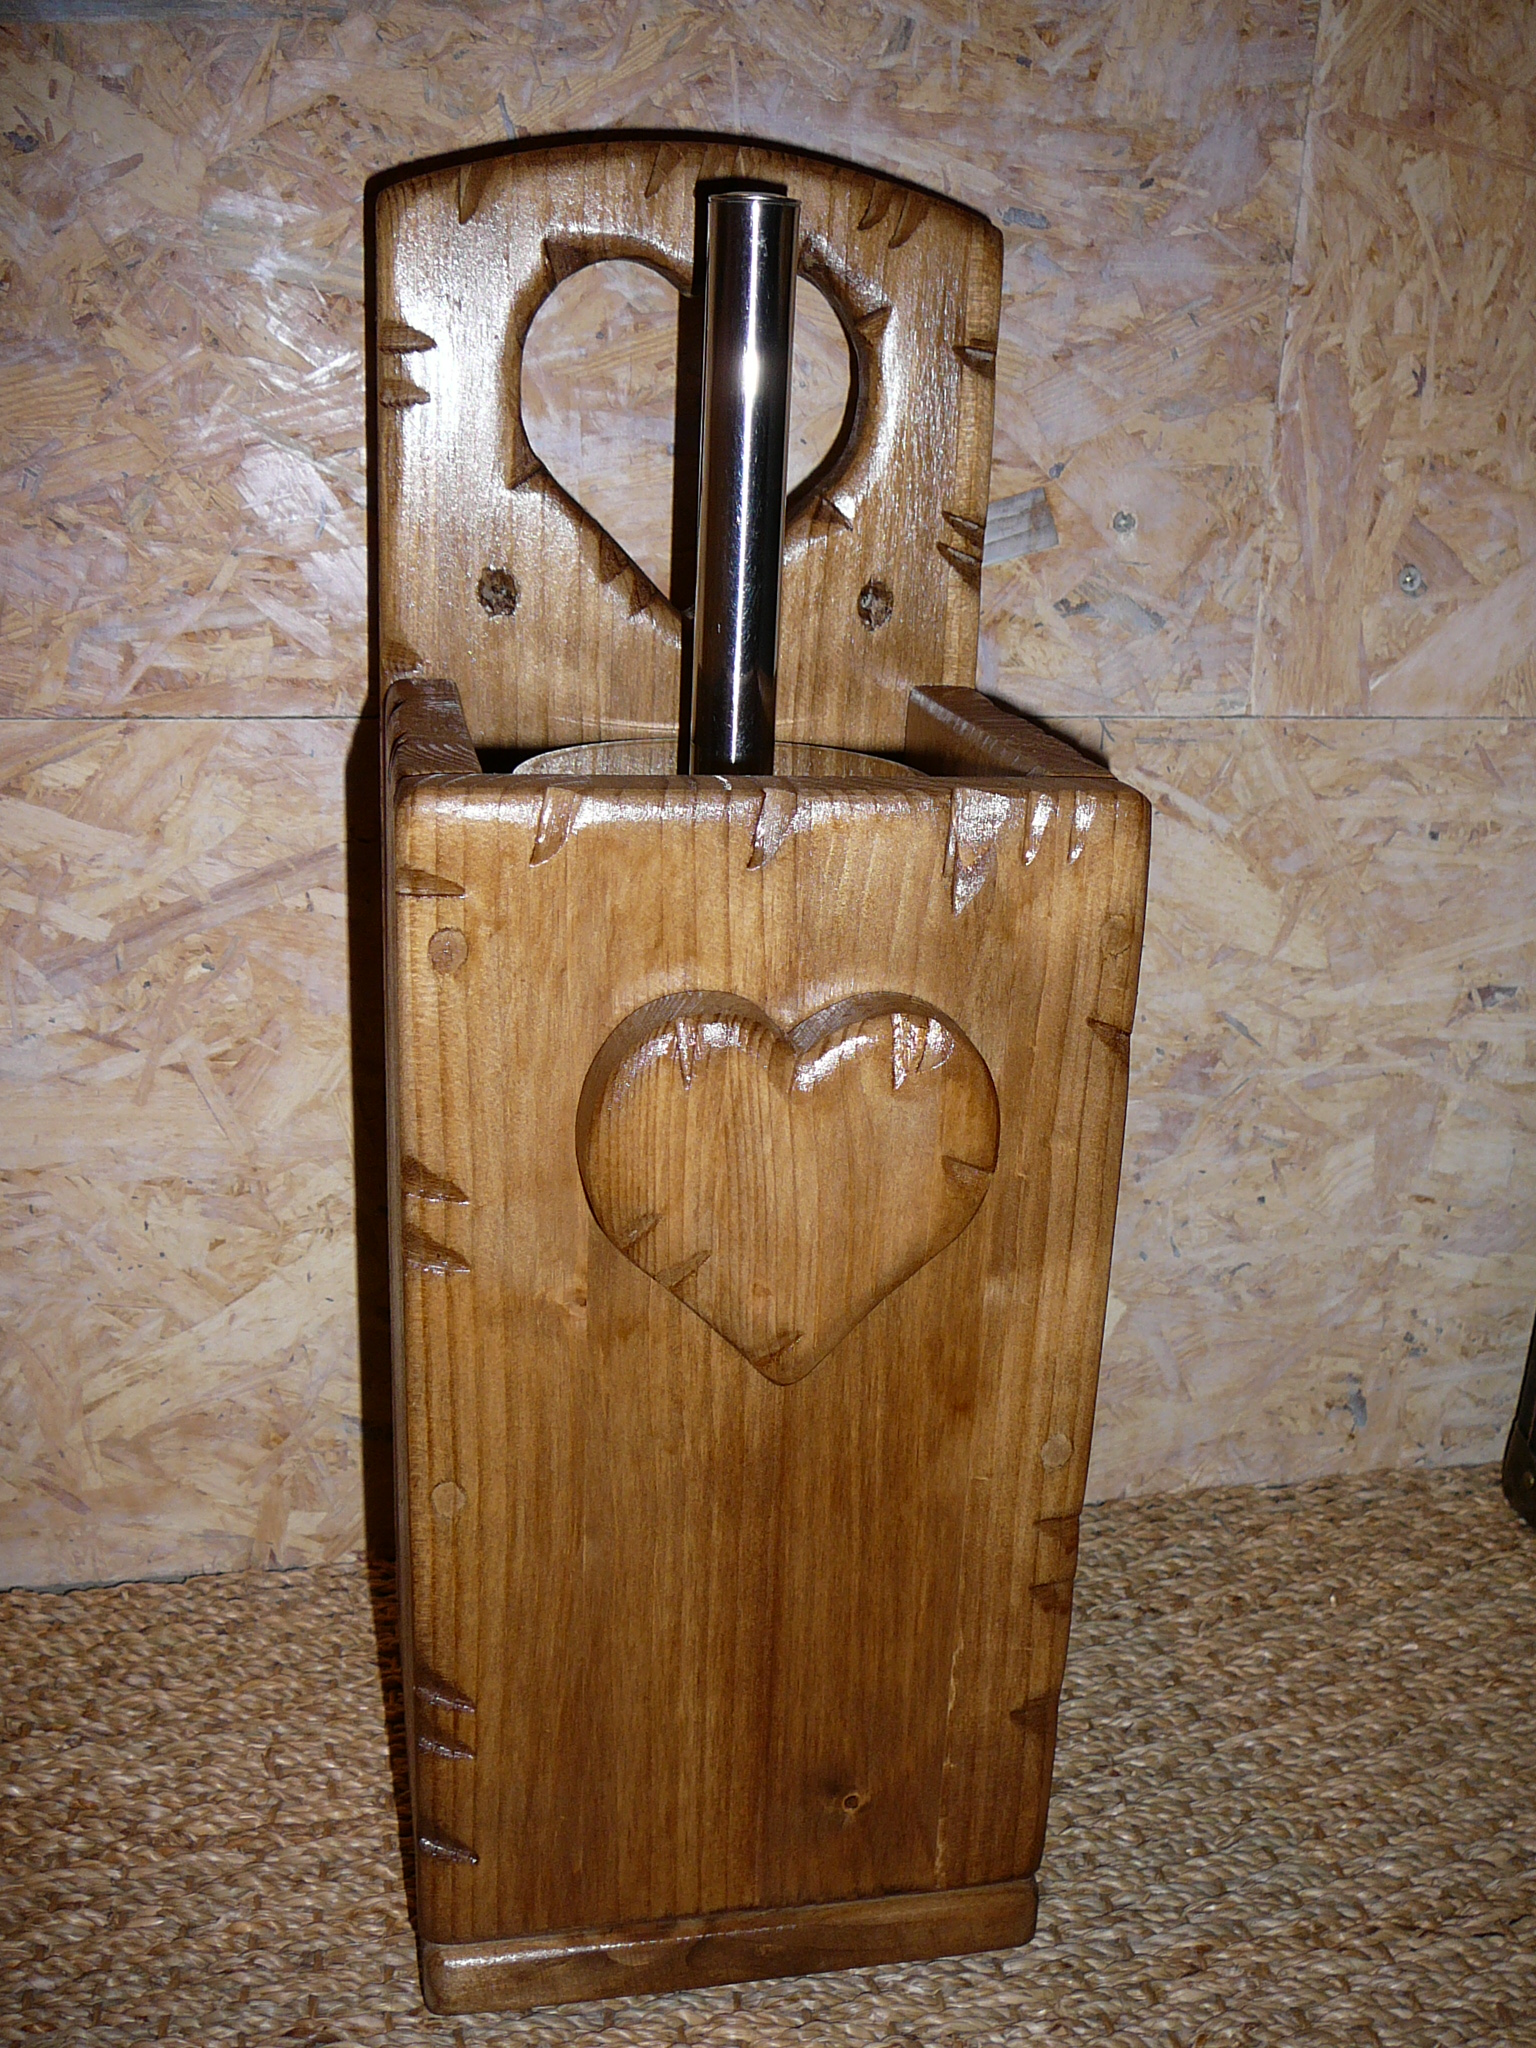 cache de support brosse wc toilettes coeur bois d co chalet montagne campagne maison et deco. Black Bedroom Furniture Sets. Home Design Ideas